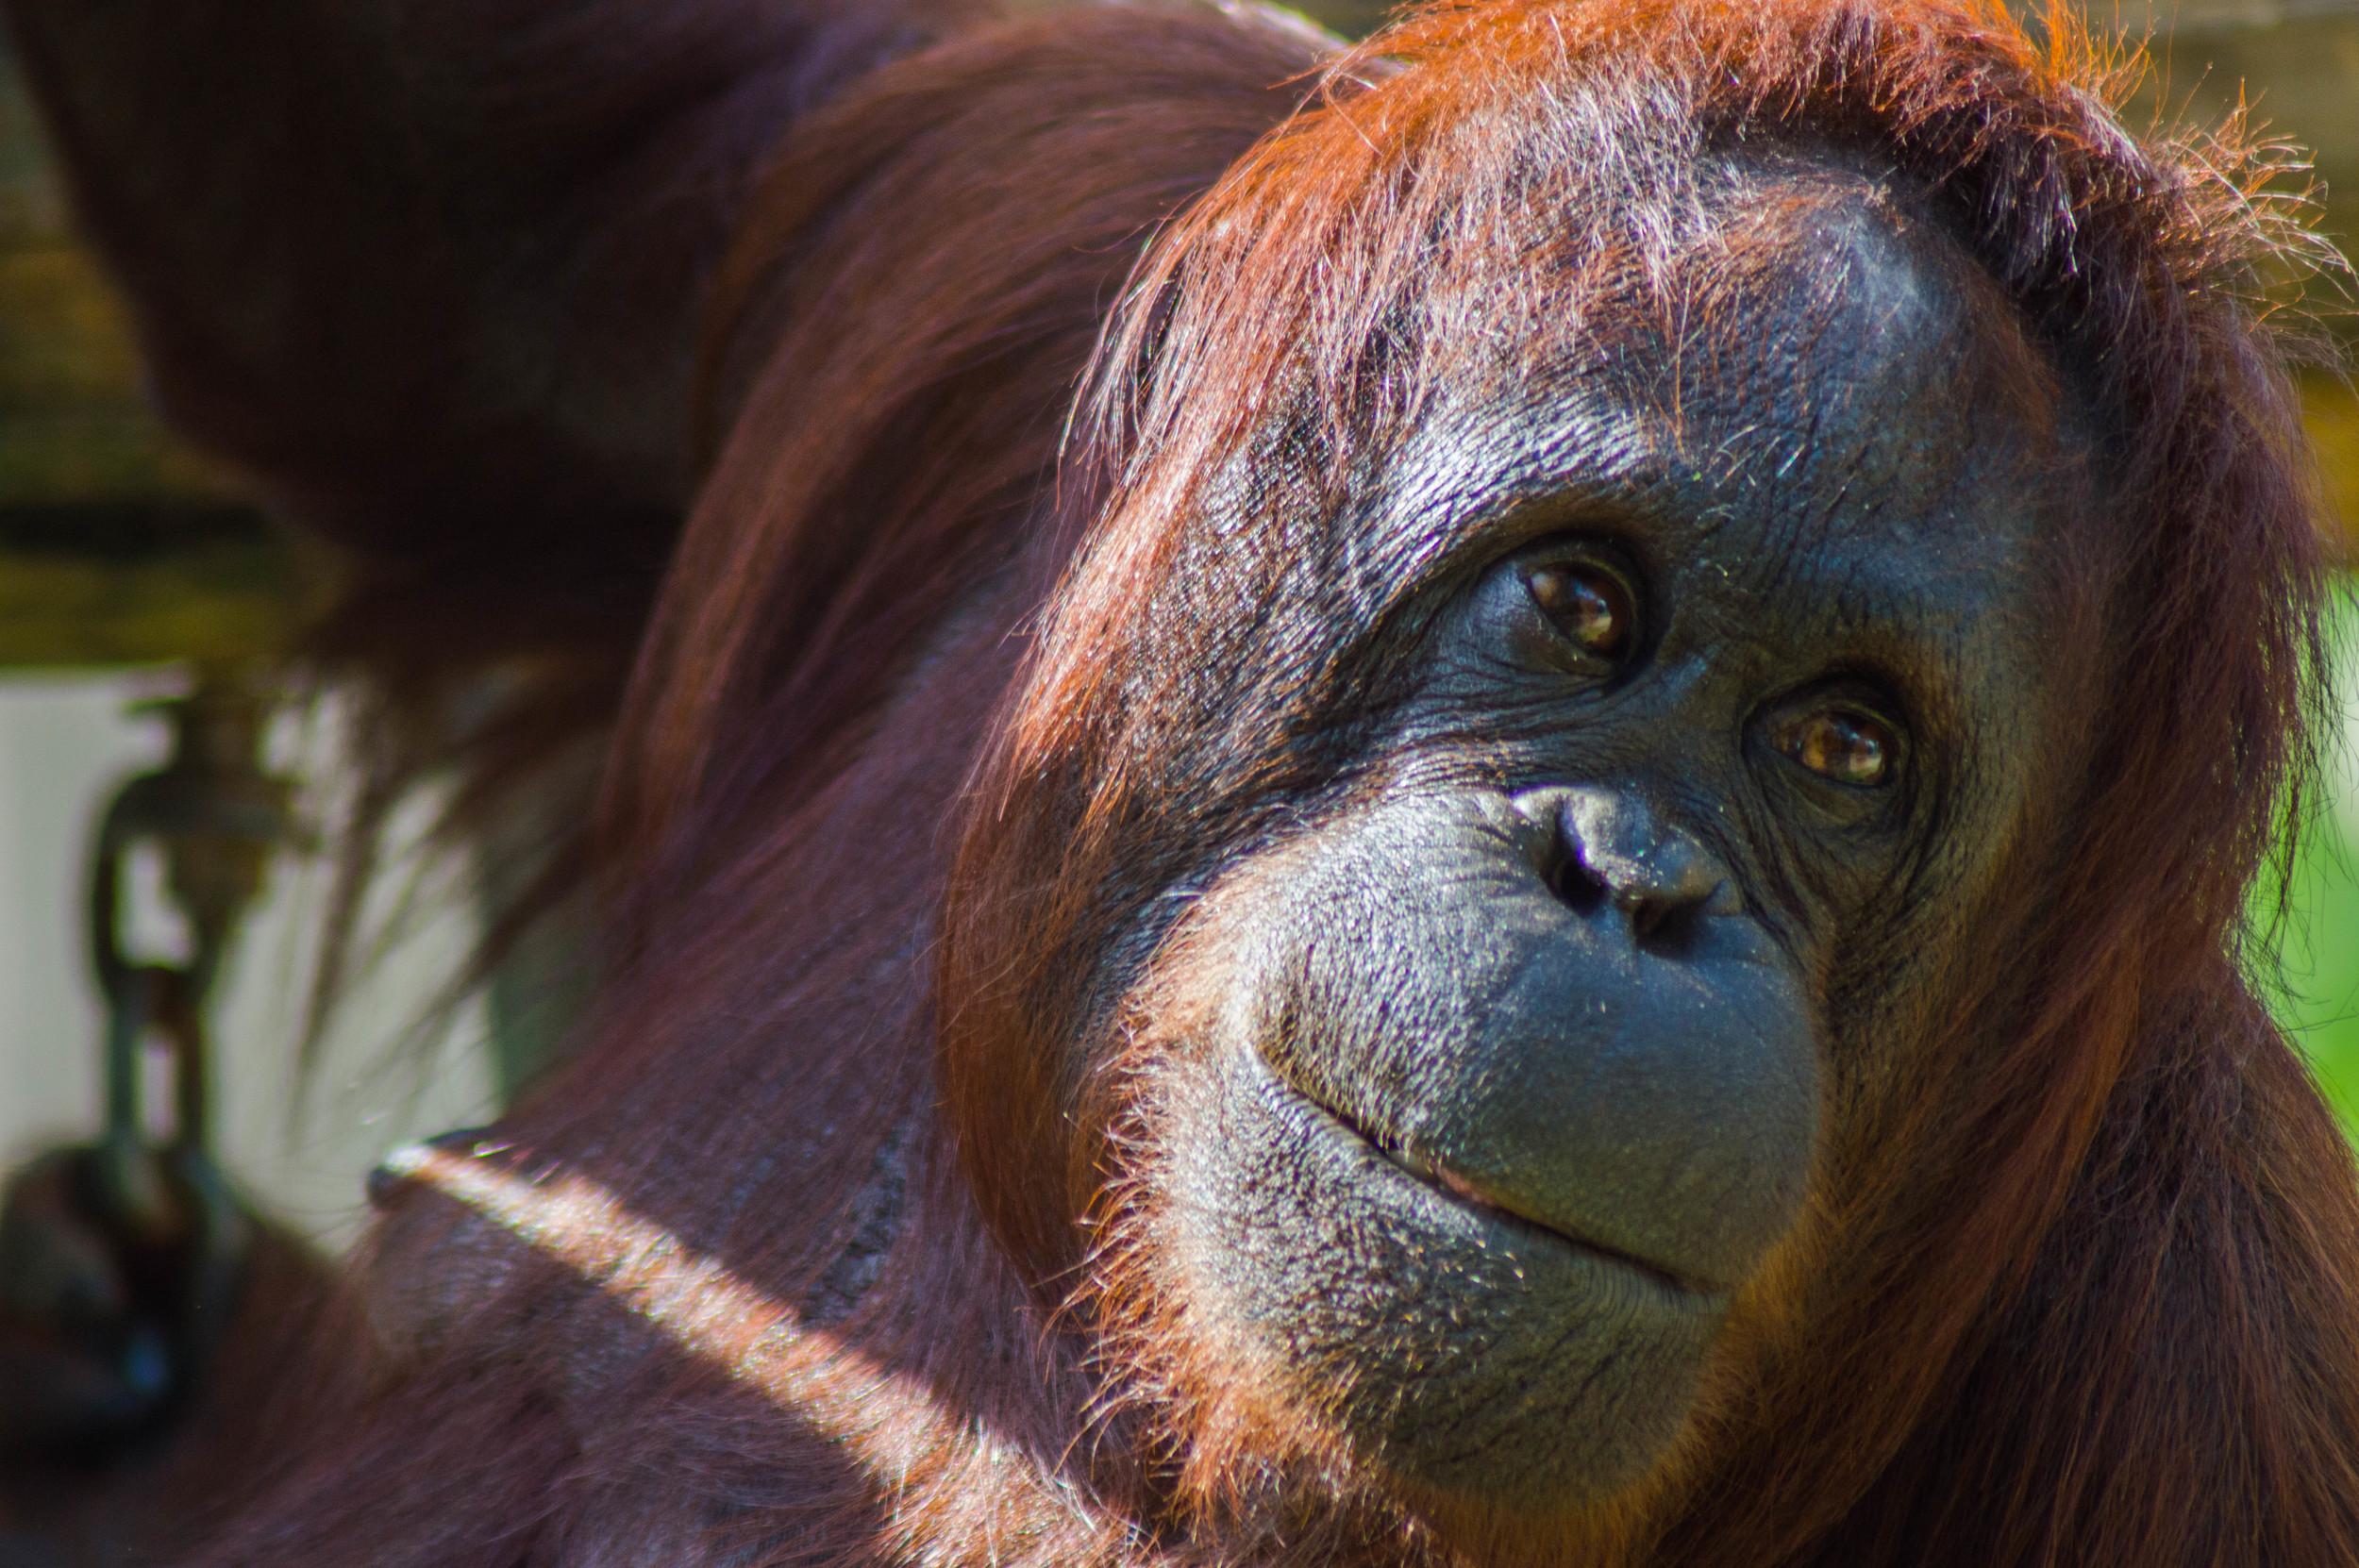 Orangutan: Before